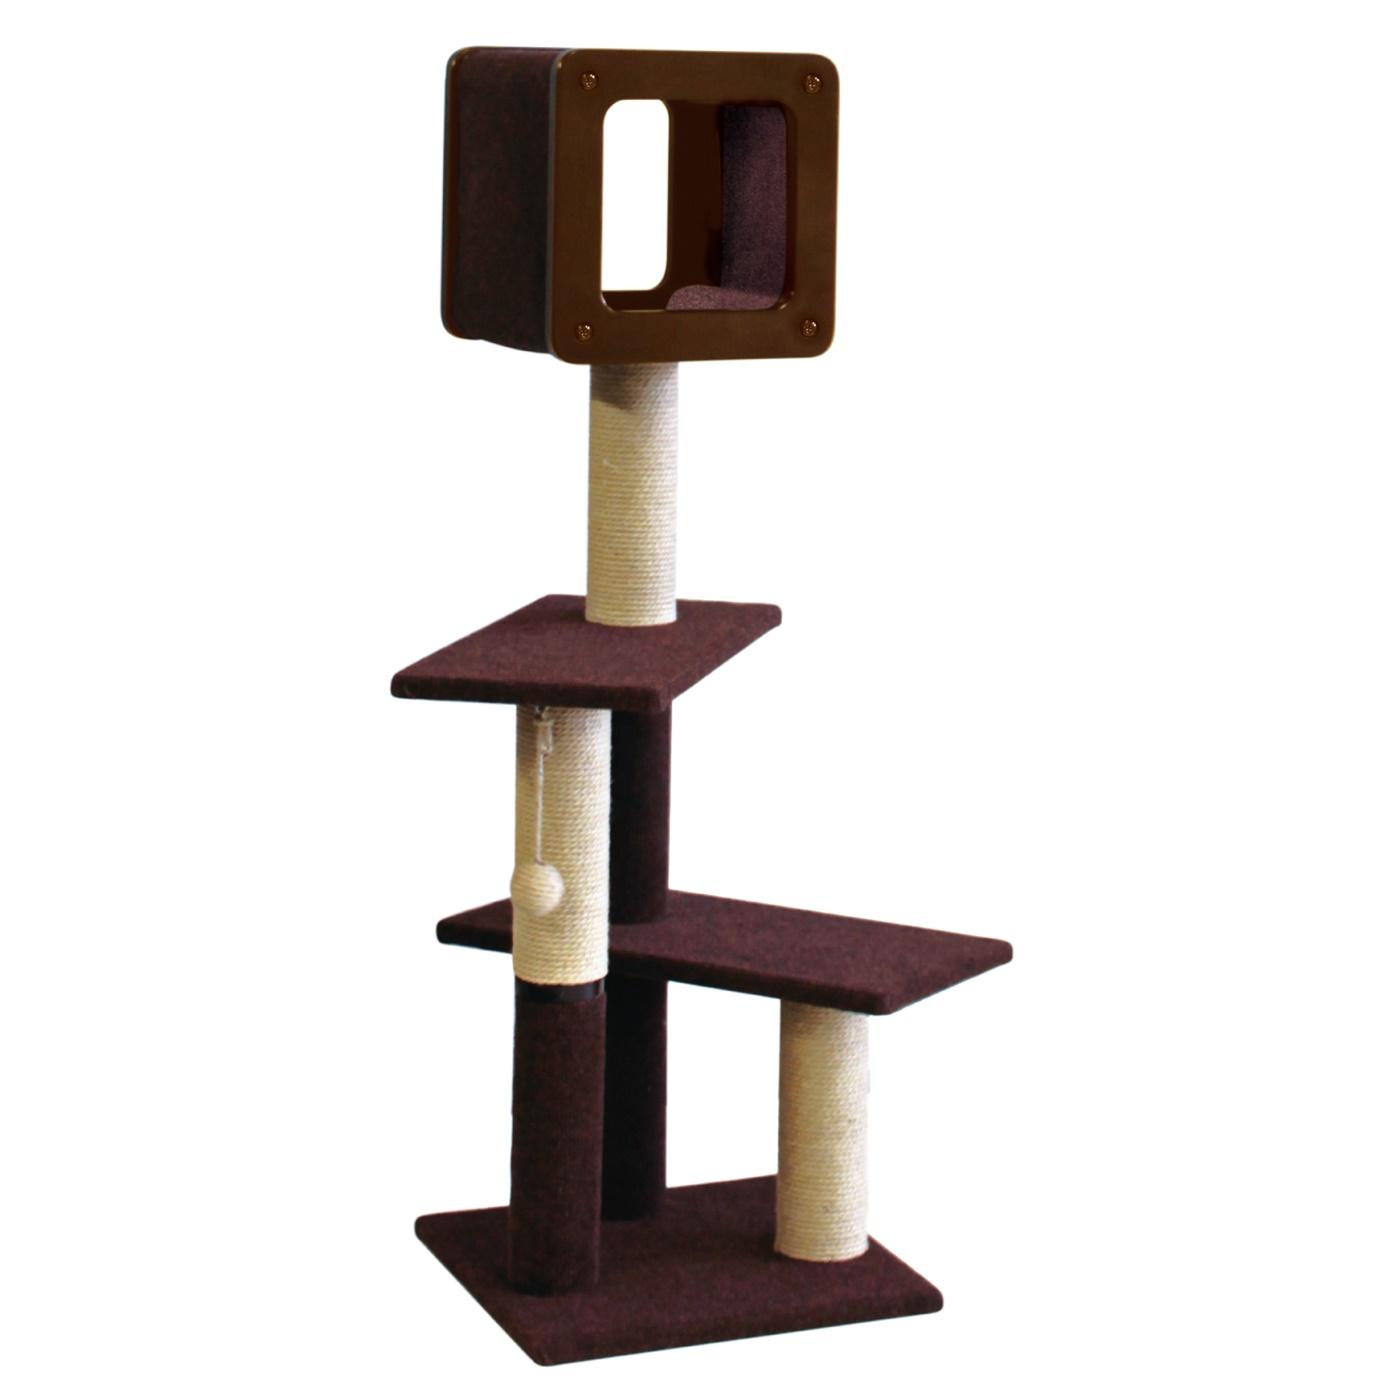 Tháp mèo H120 (69x50x120)cm